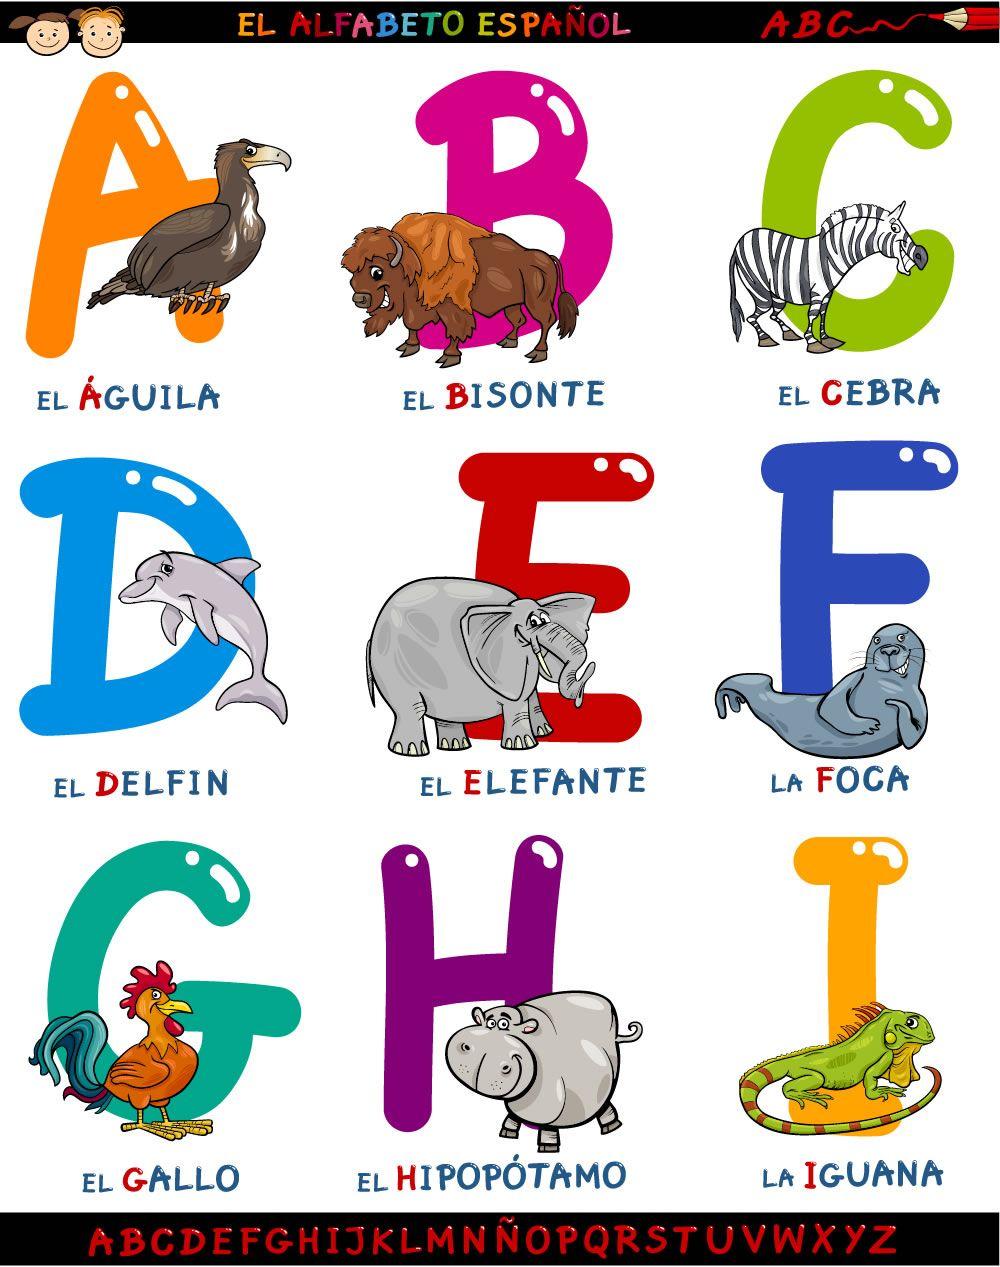 abecedario para niños de primaria descubre nuestros juegos y